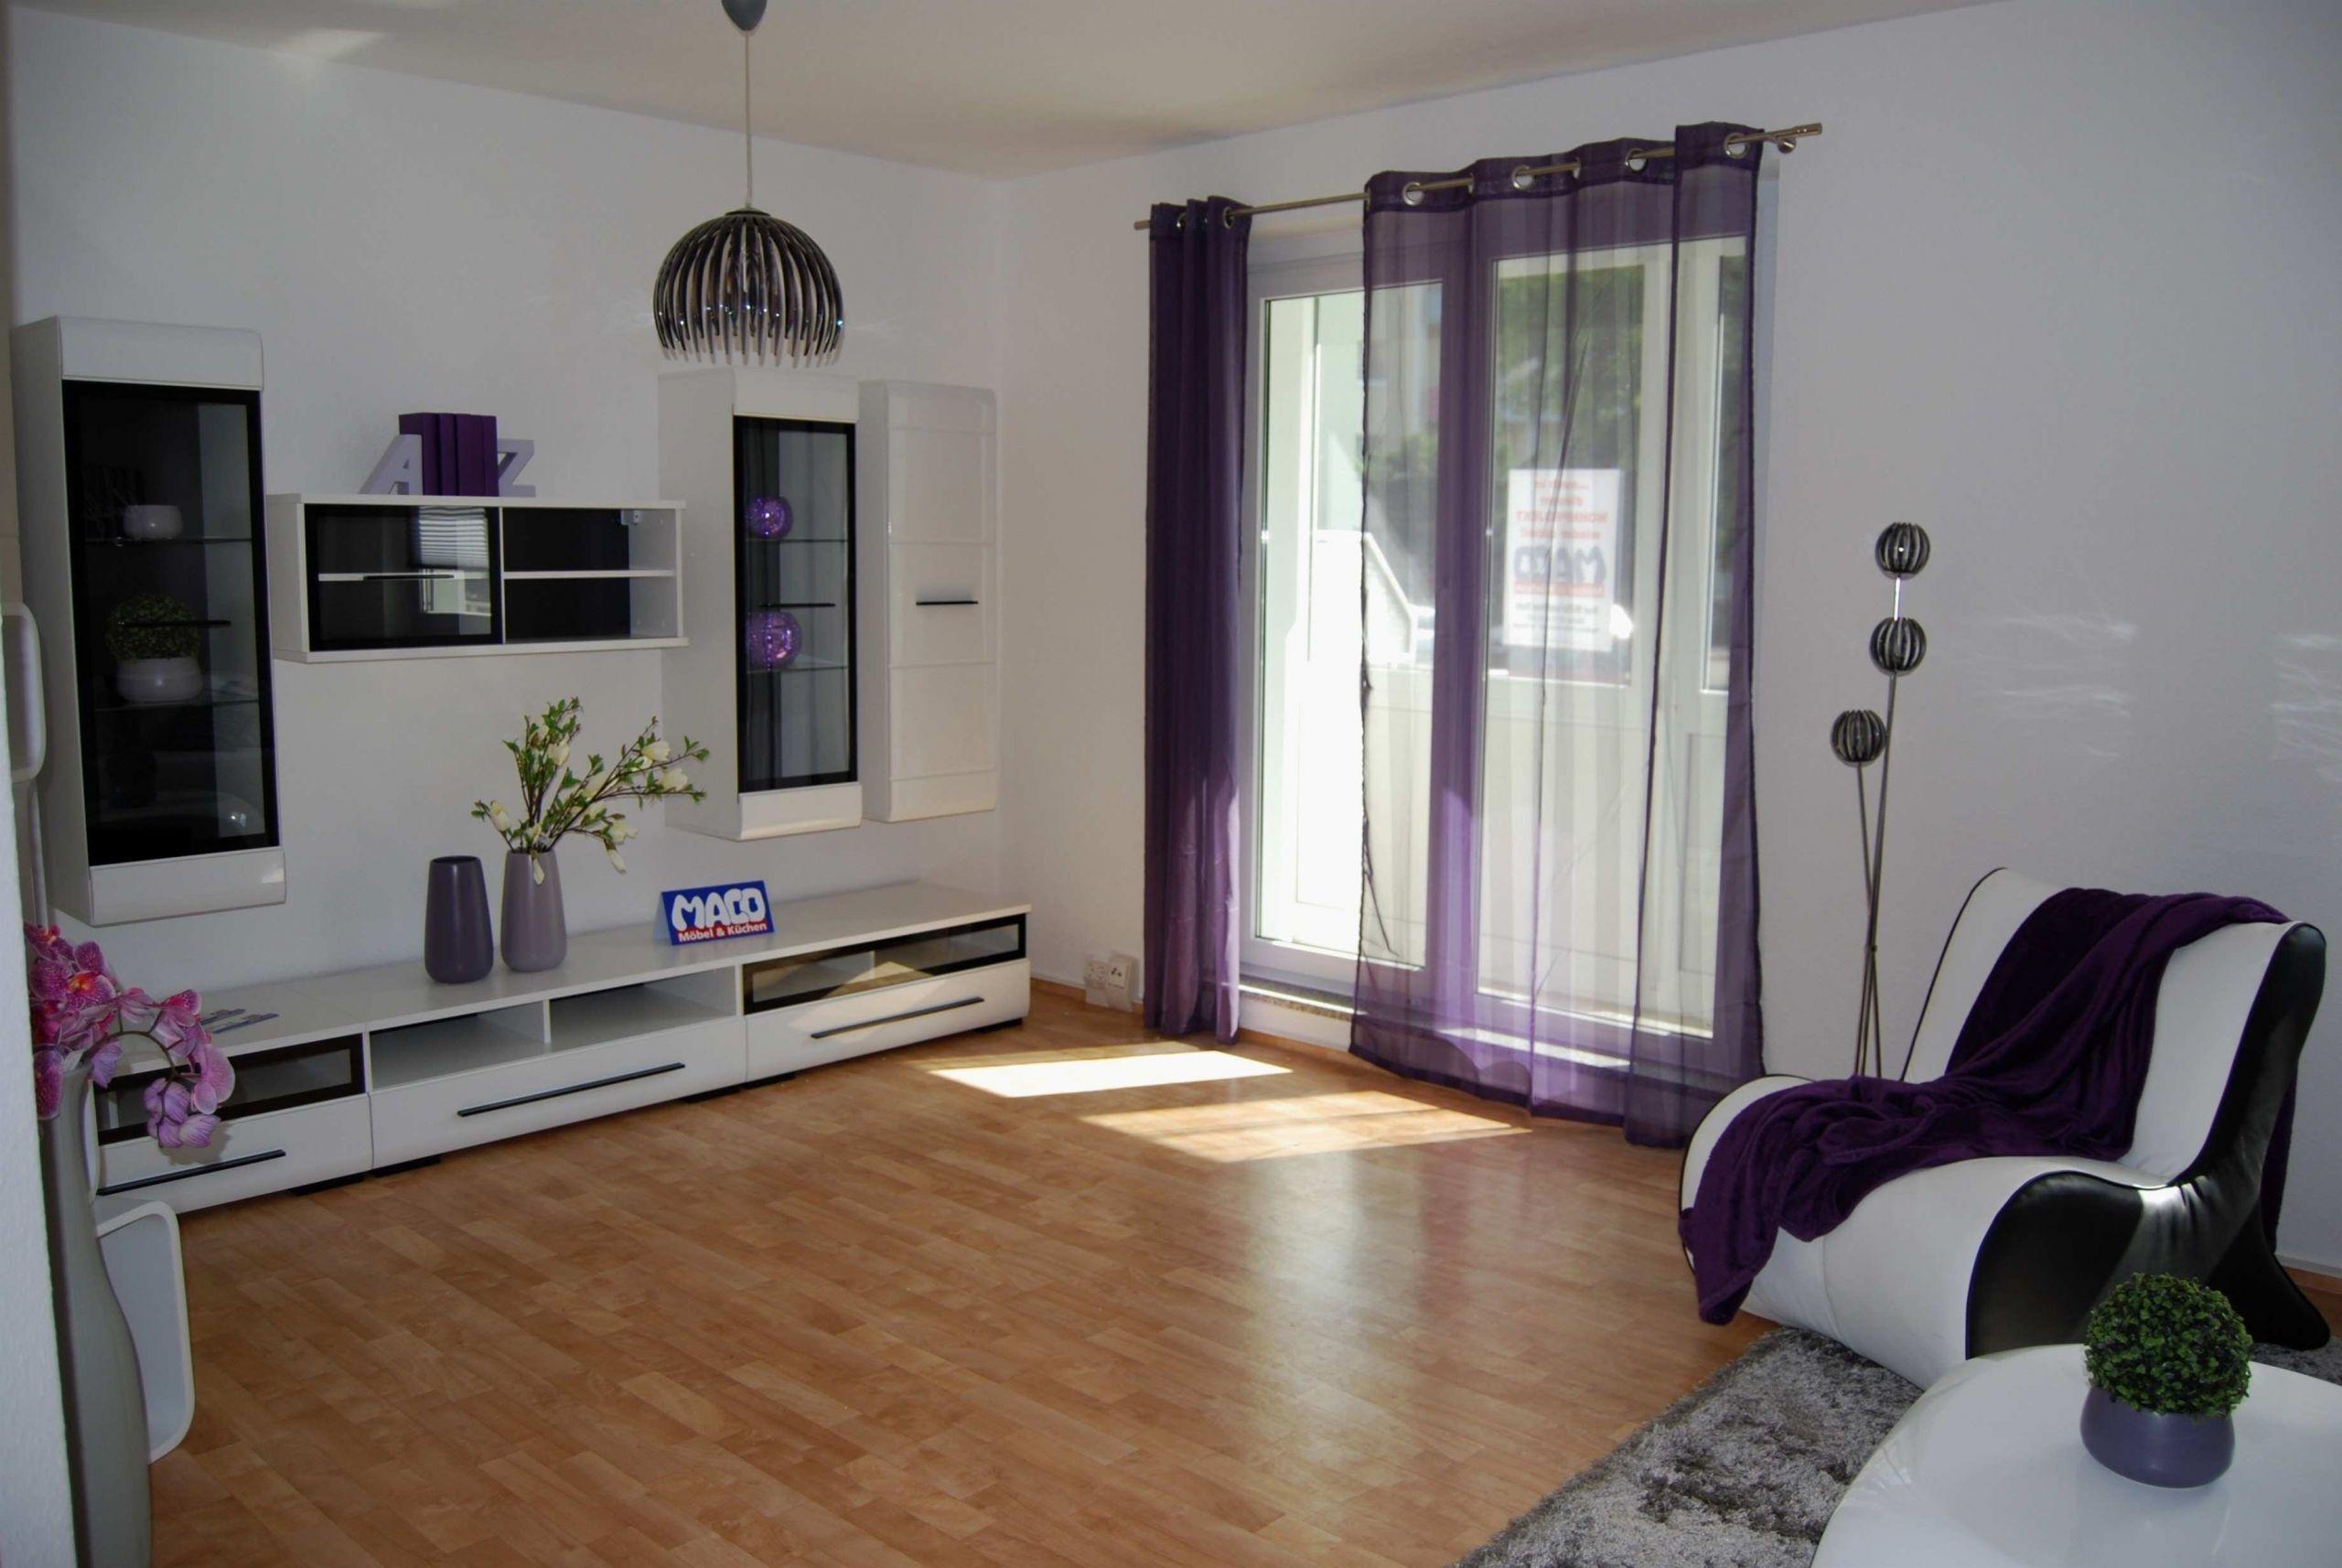 wohnzimmer einrichten tipps das beste von 50 luxus von wohnzimmer klein einrichten konzept of wohnzimmer einrichten tipps